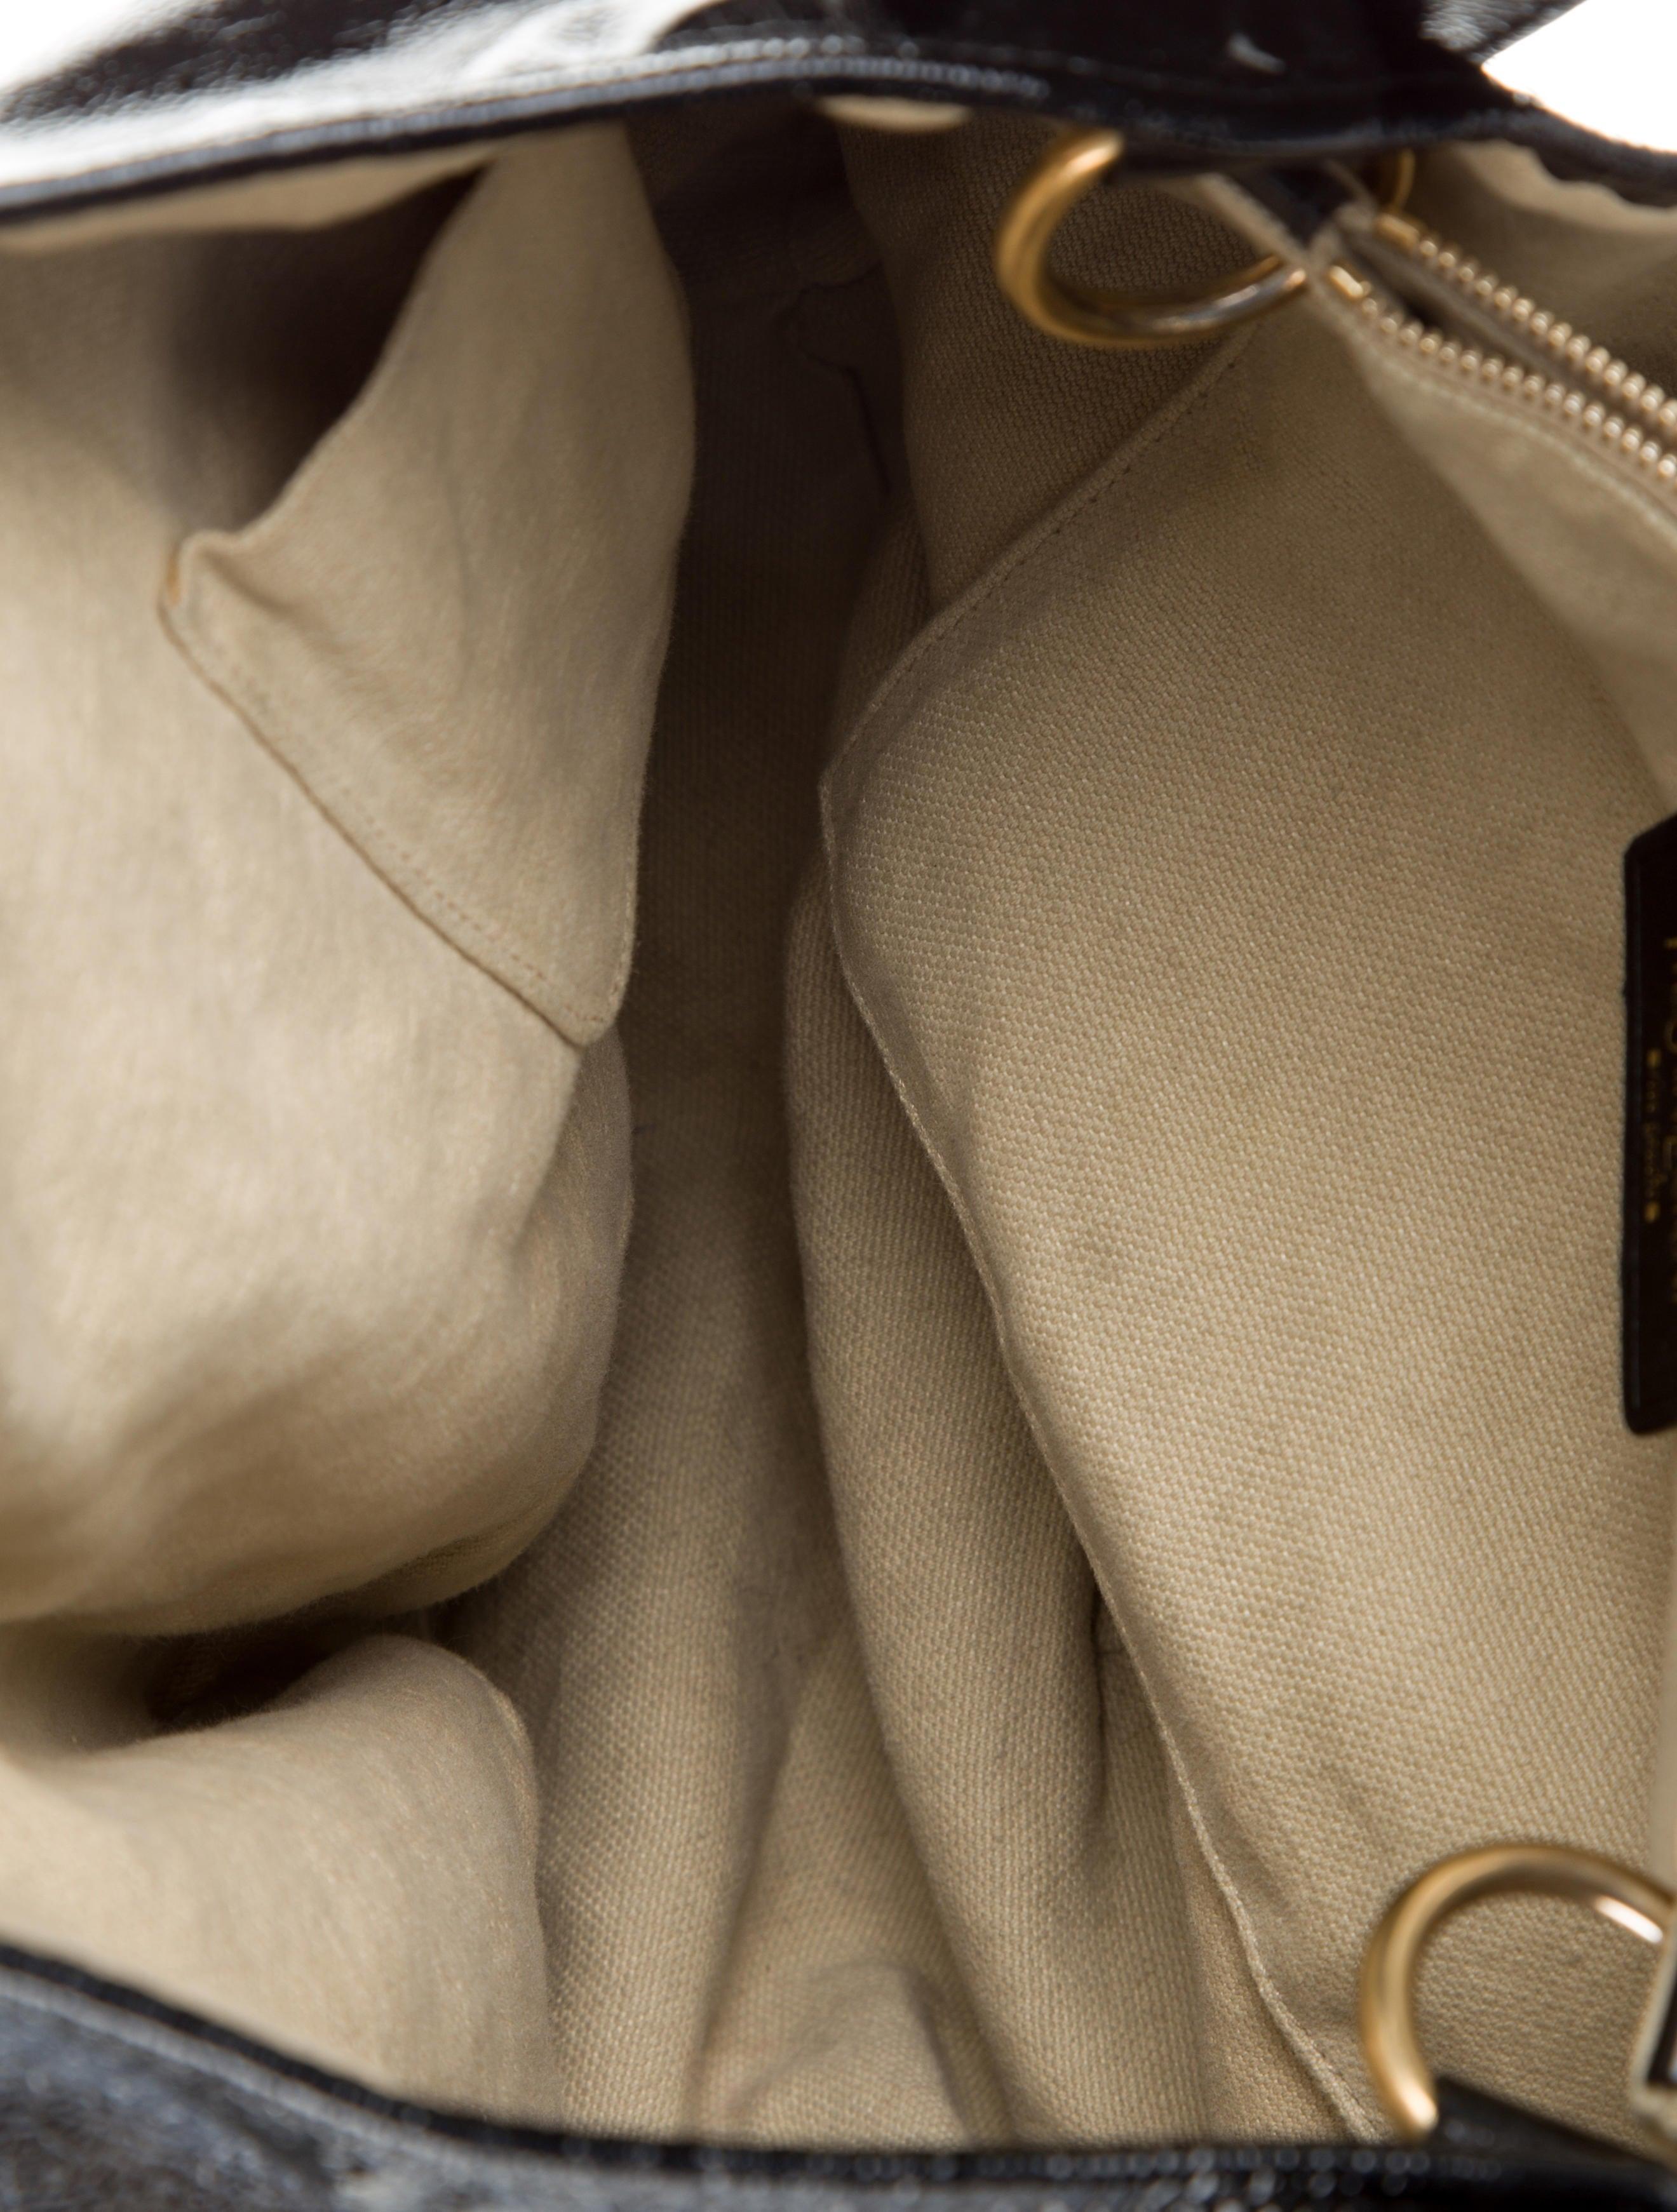 ysl replica clutch - yves saint laurent capri medium tote, ysl belle du jour clutch replica